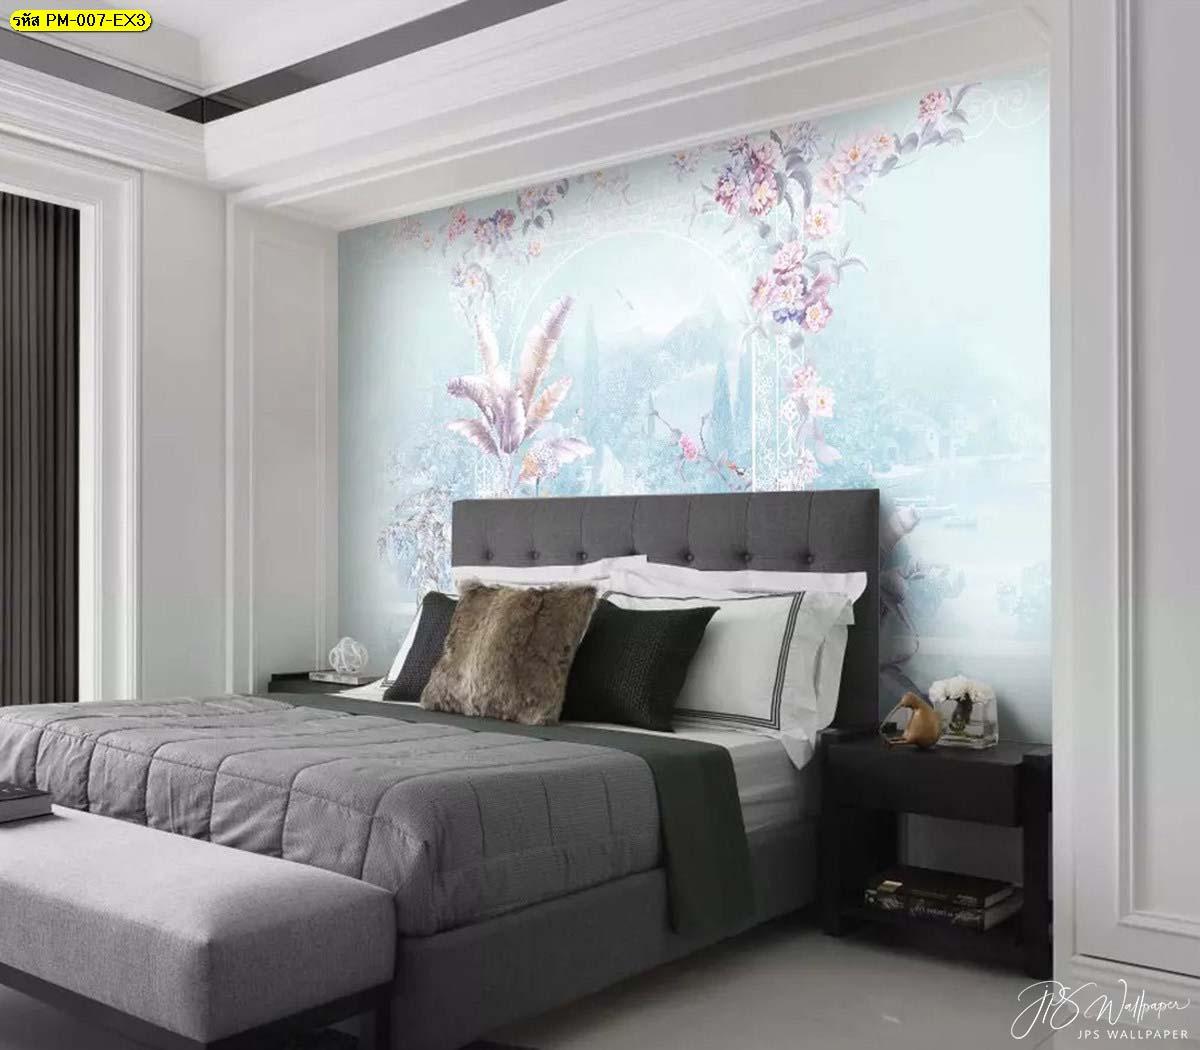 วอลเปเปอร์ติดห้องนอน วอลเปเปอร์ติดพื้นหลังลายสวนดอกไม้เกรดพรีเมี่ยมสีฟ้าพาสเทล